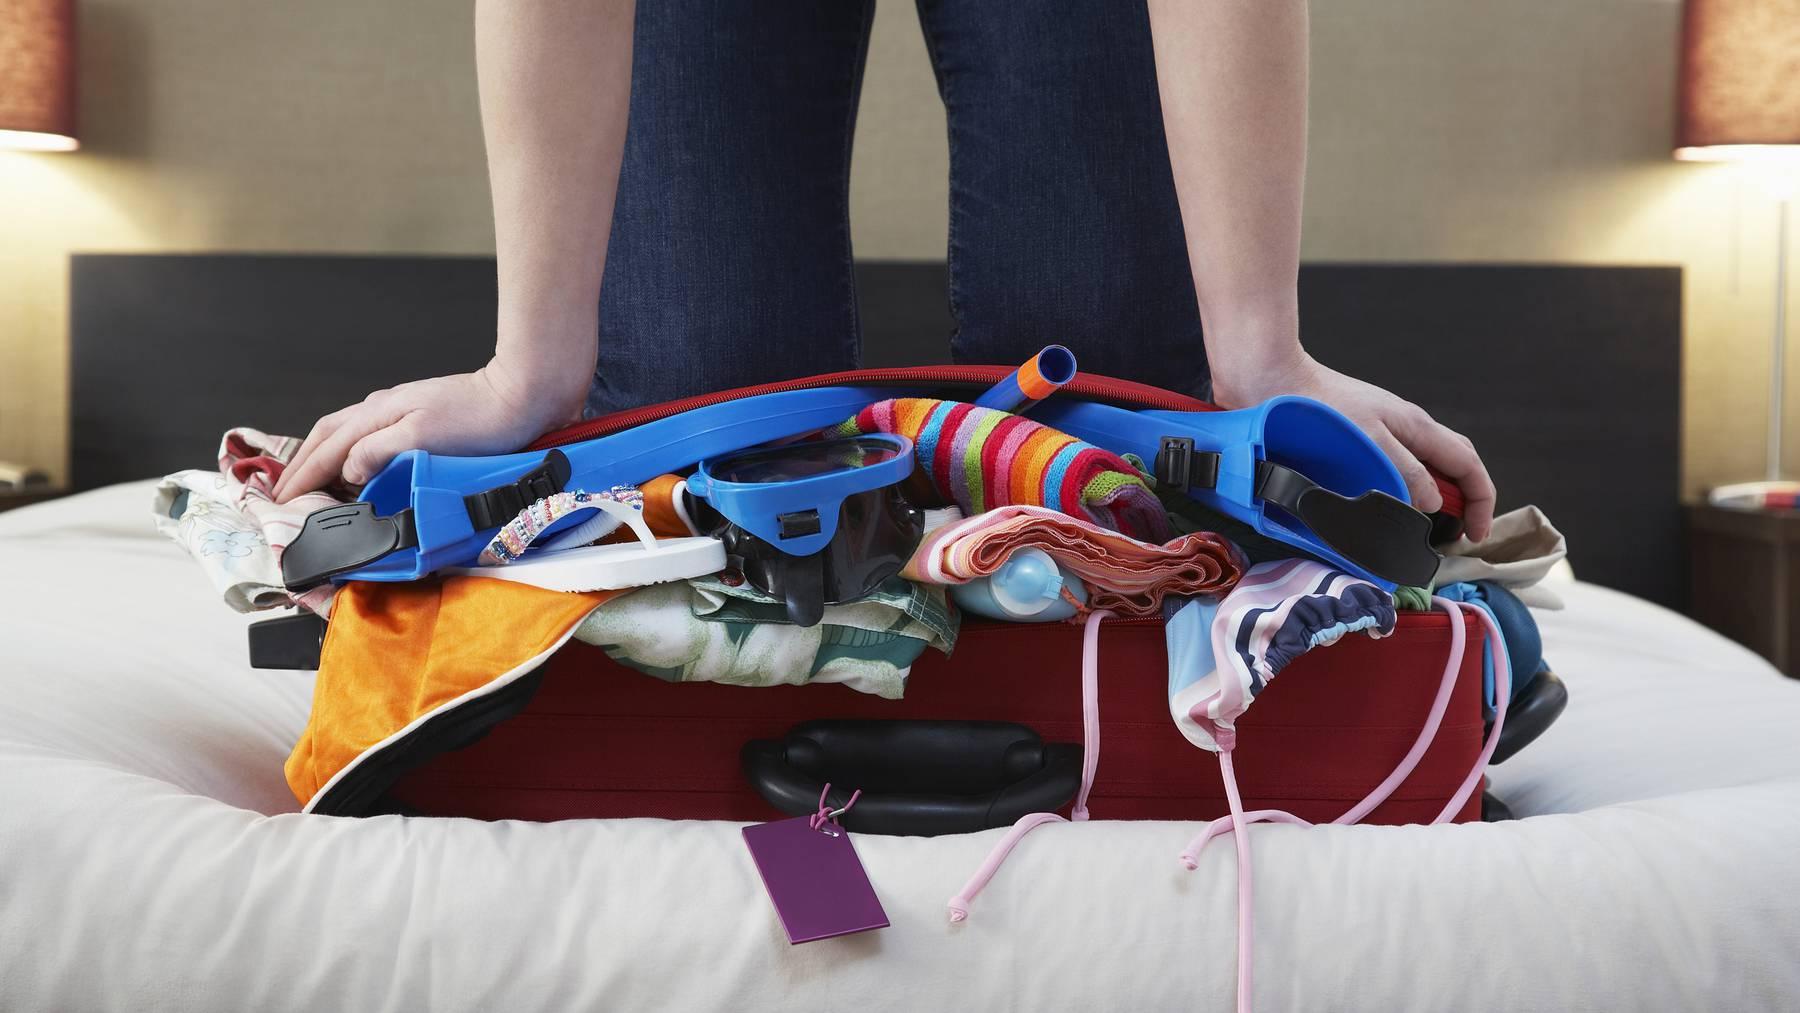 Mit diesen 15 Tricks bringst du alles in deinen Koffer.